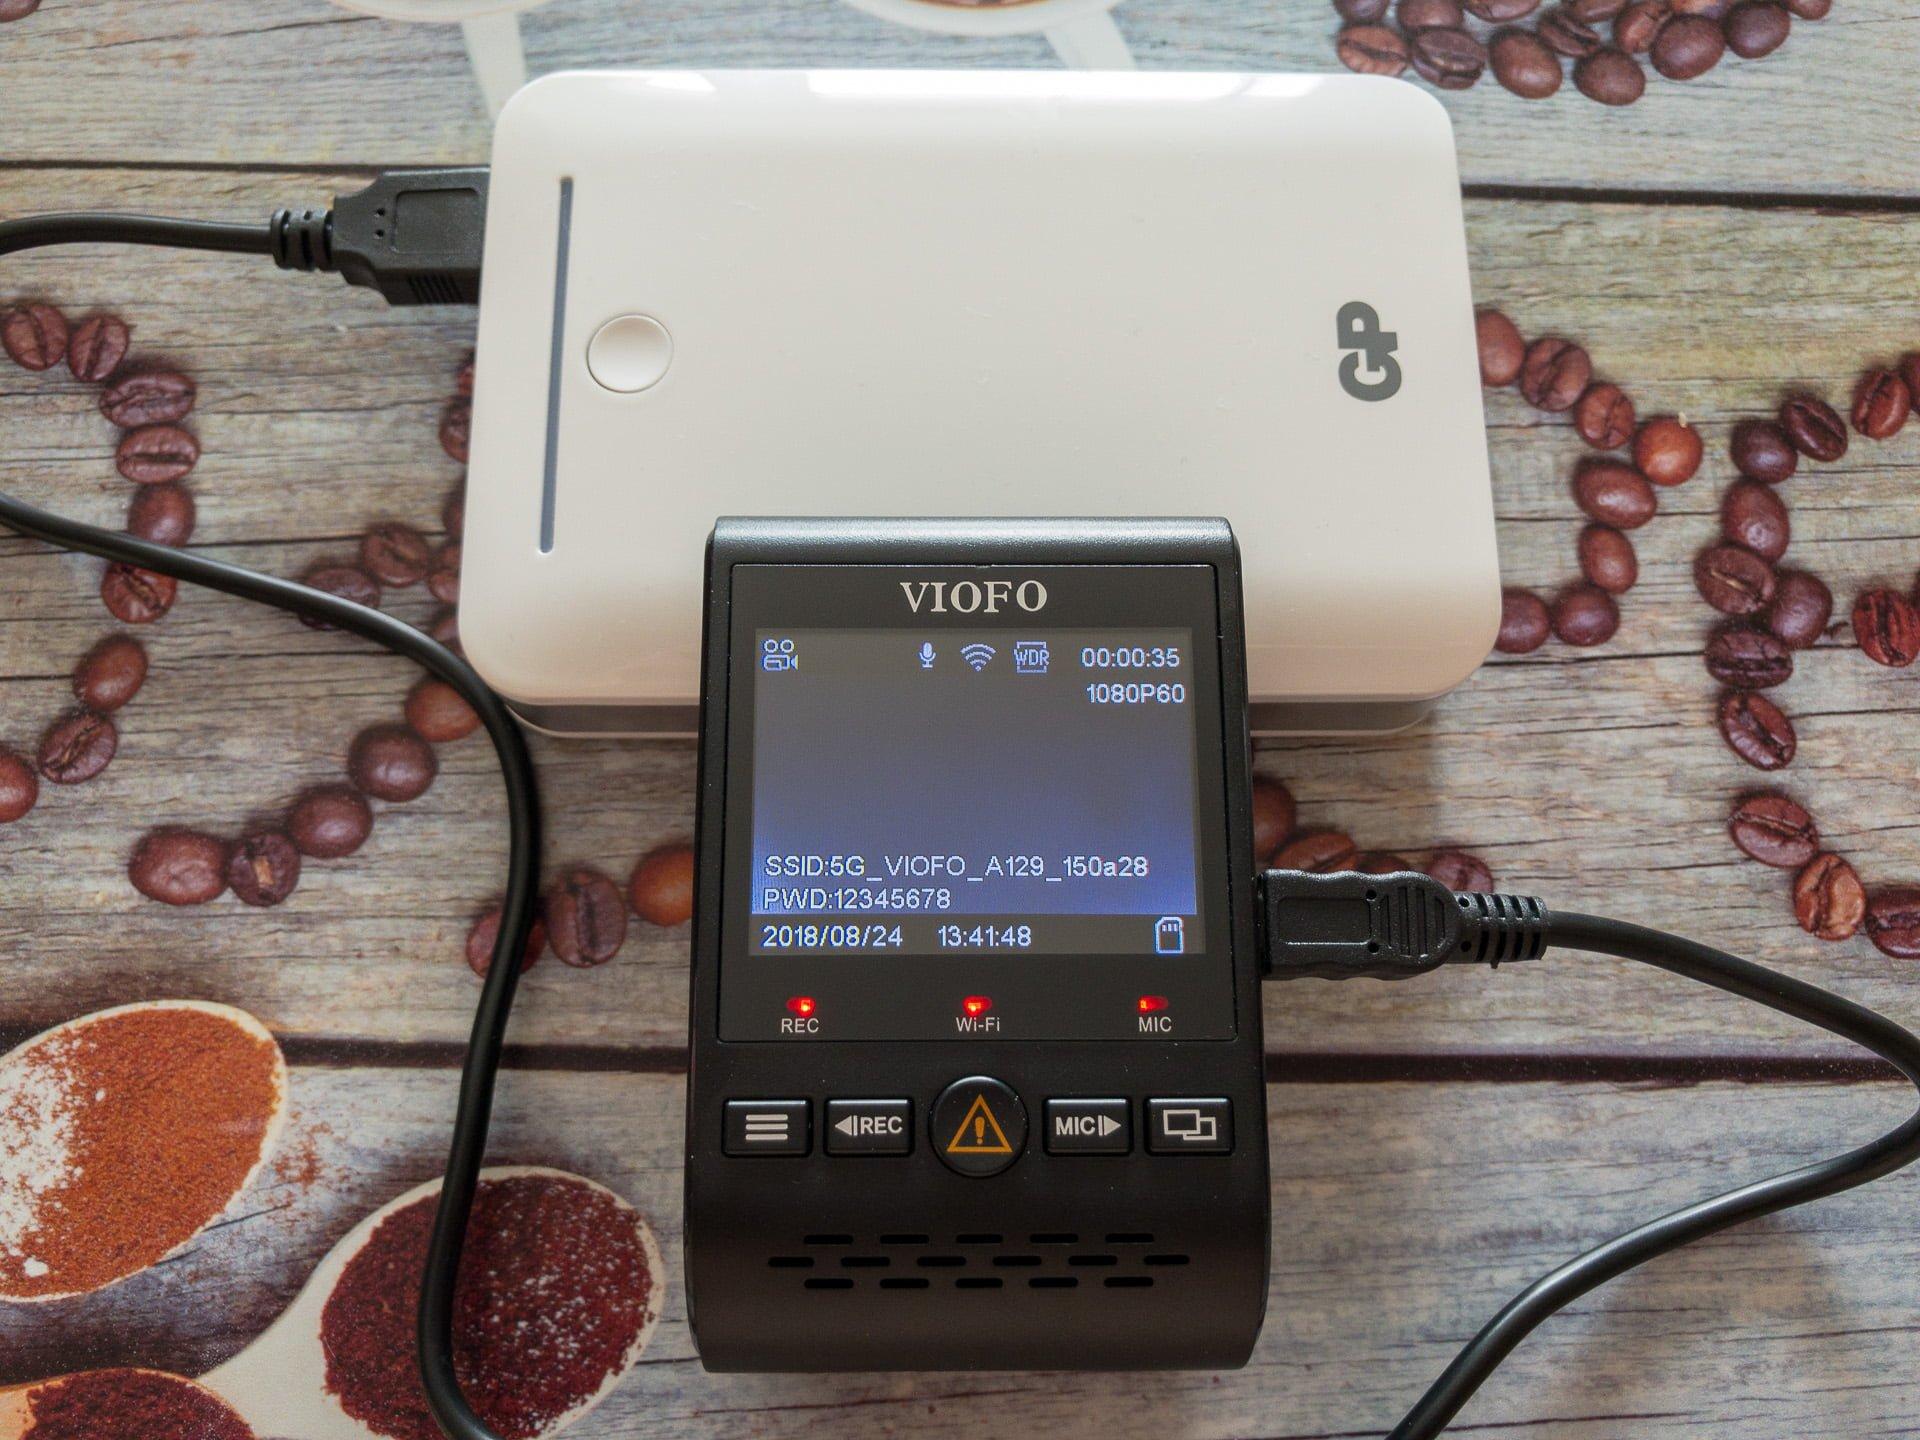 Rejestrator Viofo A129 Duo - król nocy (recenzja + kod zniżkowy dla czytelników) 30